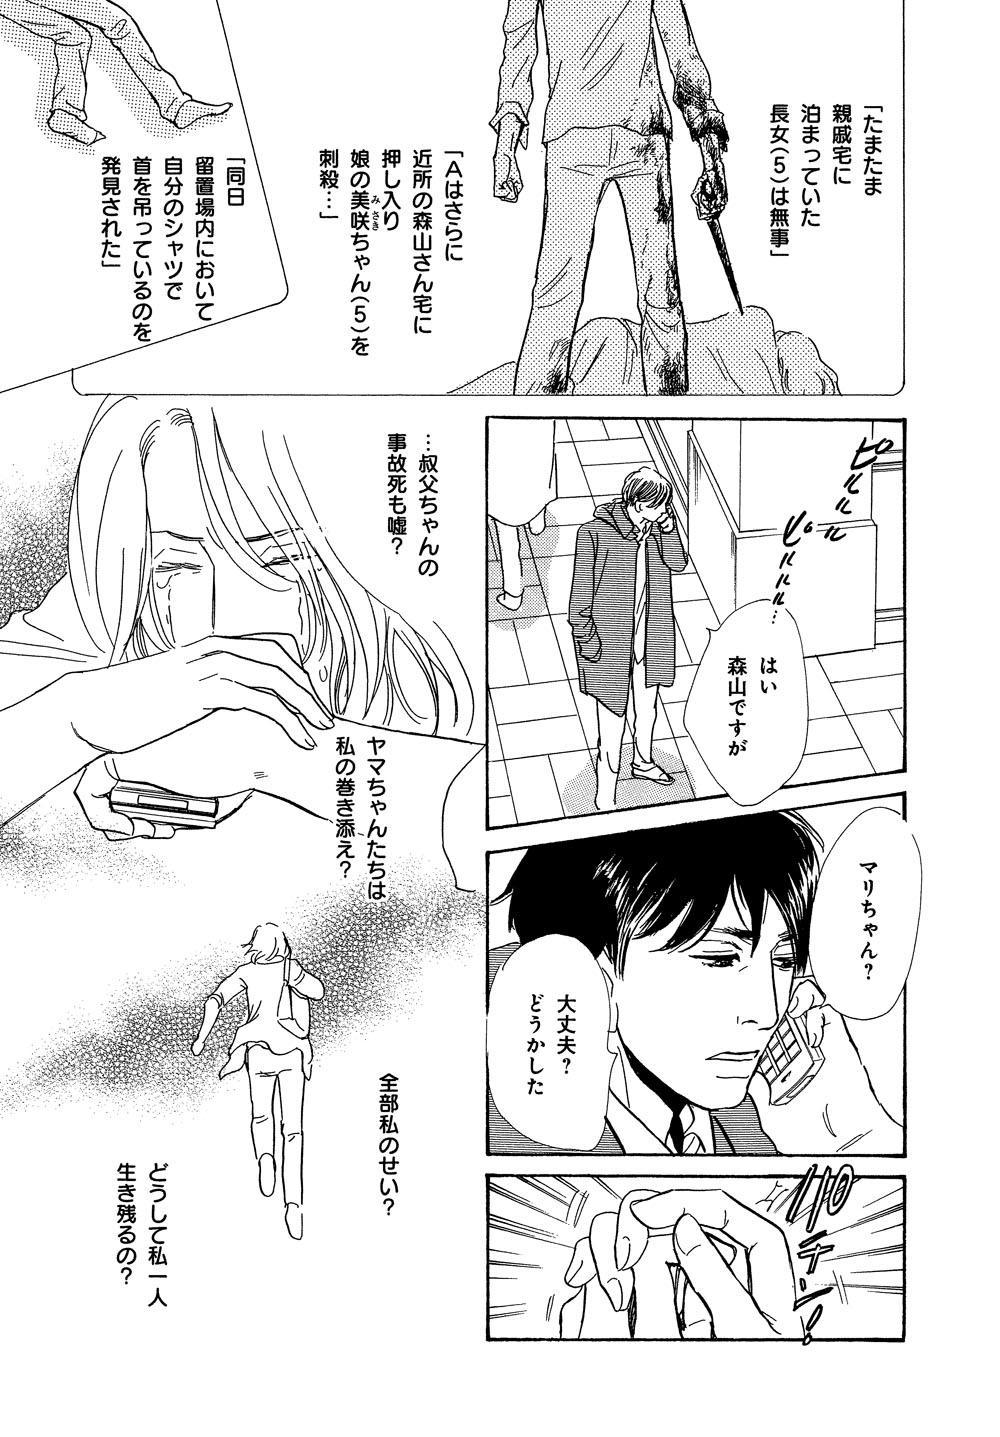 hyakki_0020_0039.jpg